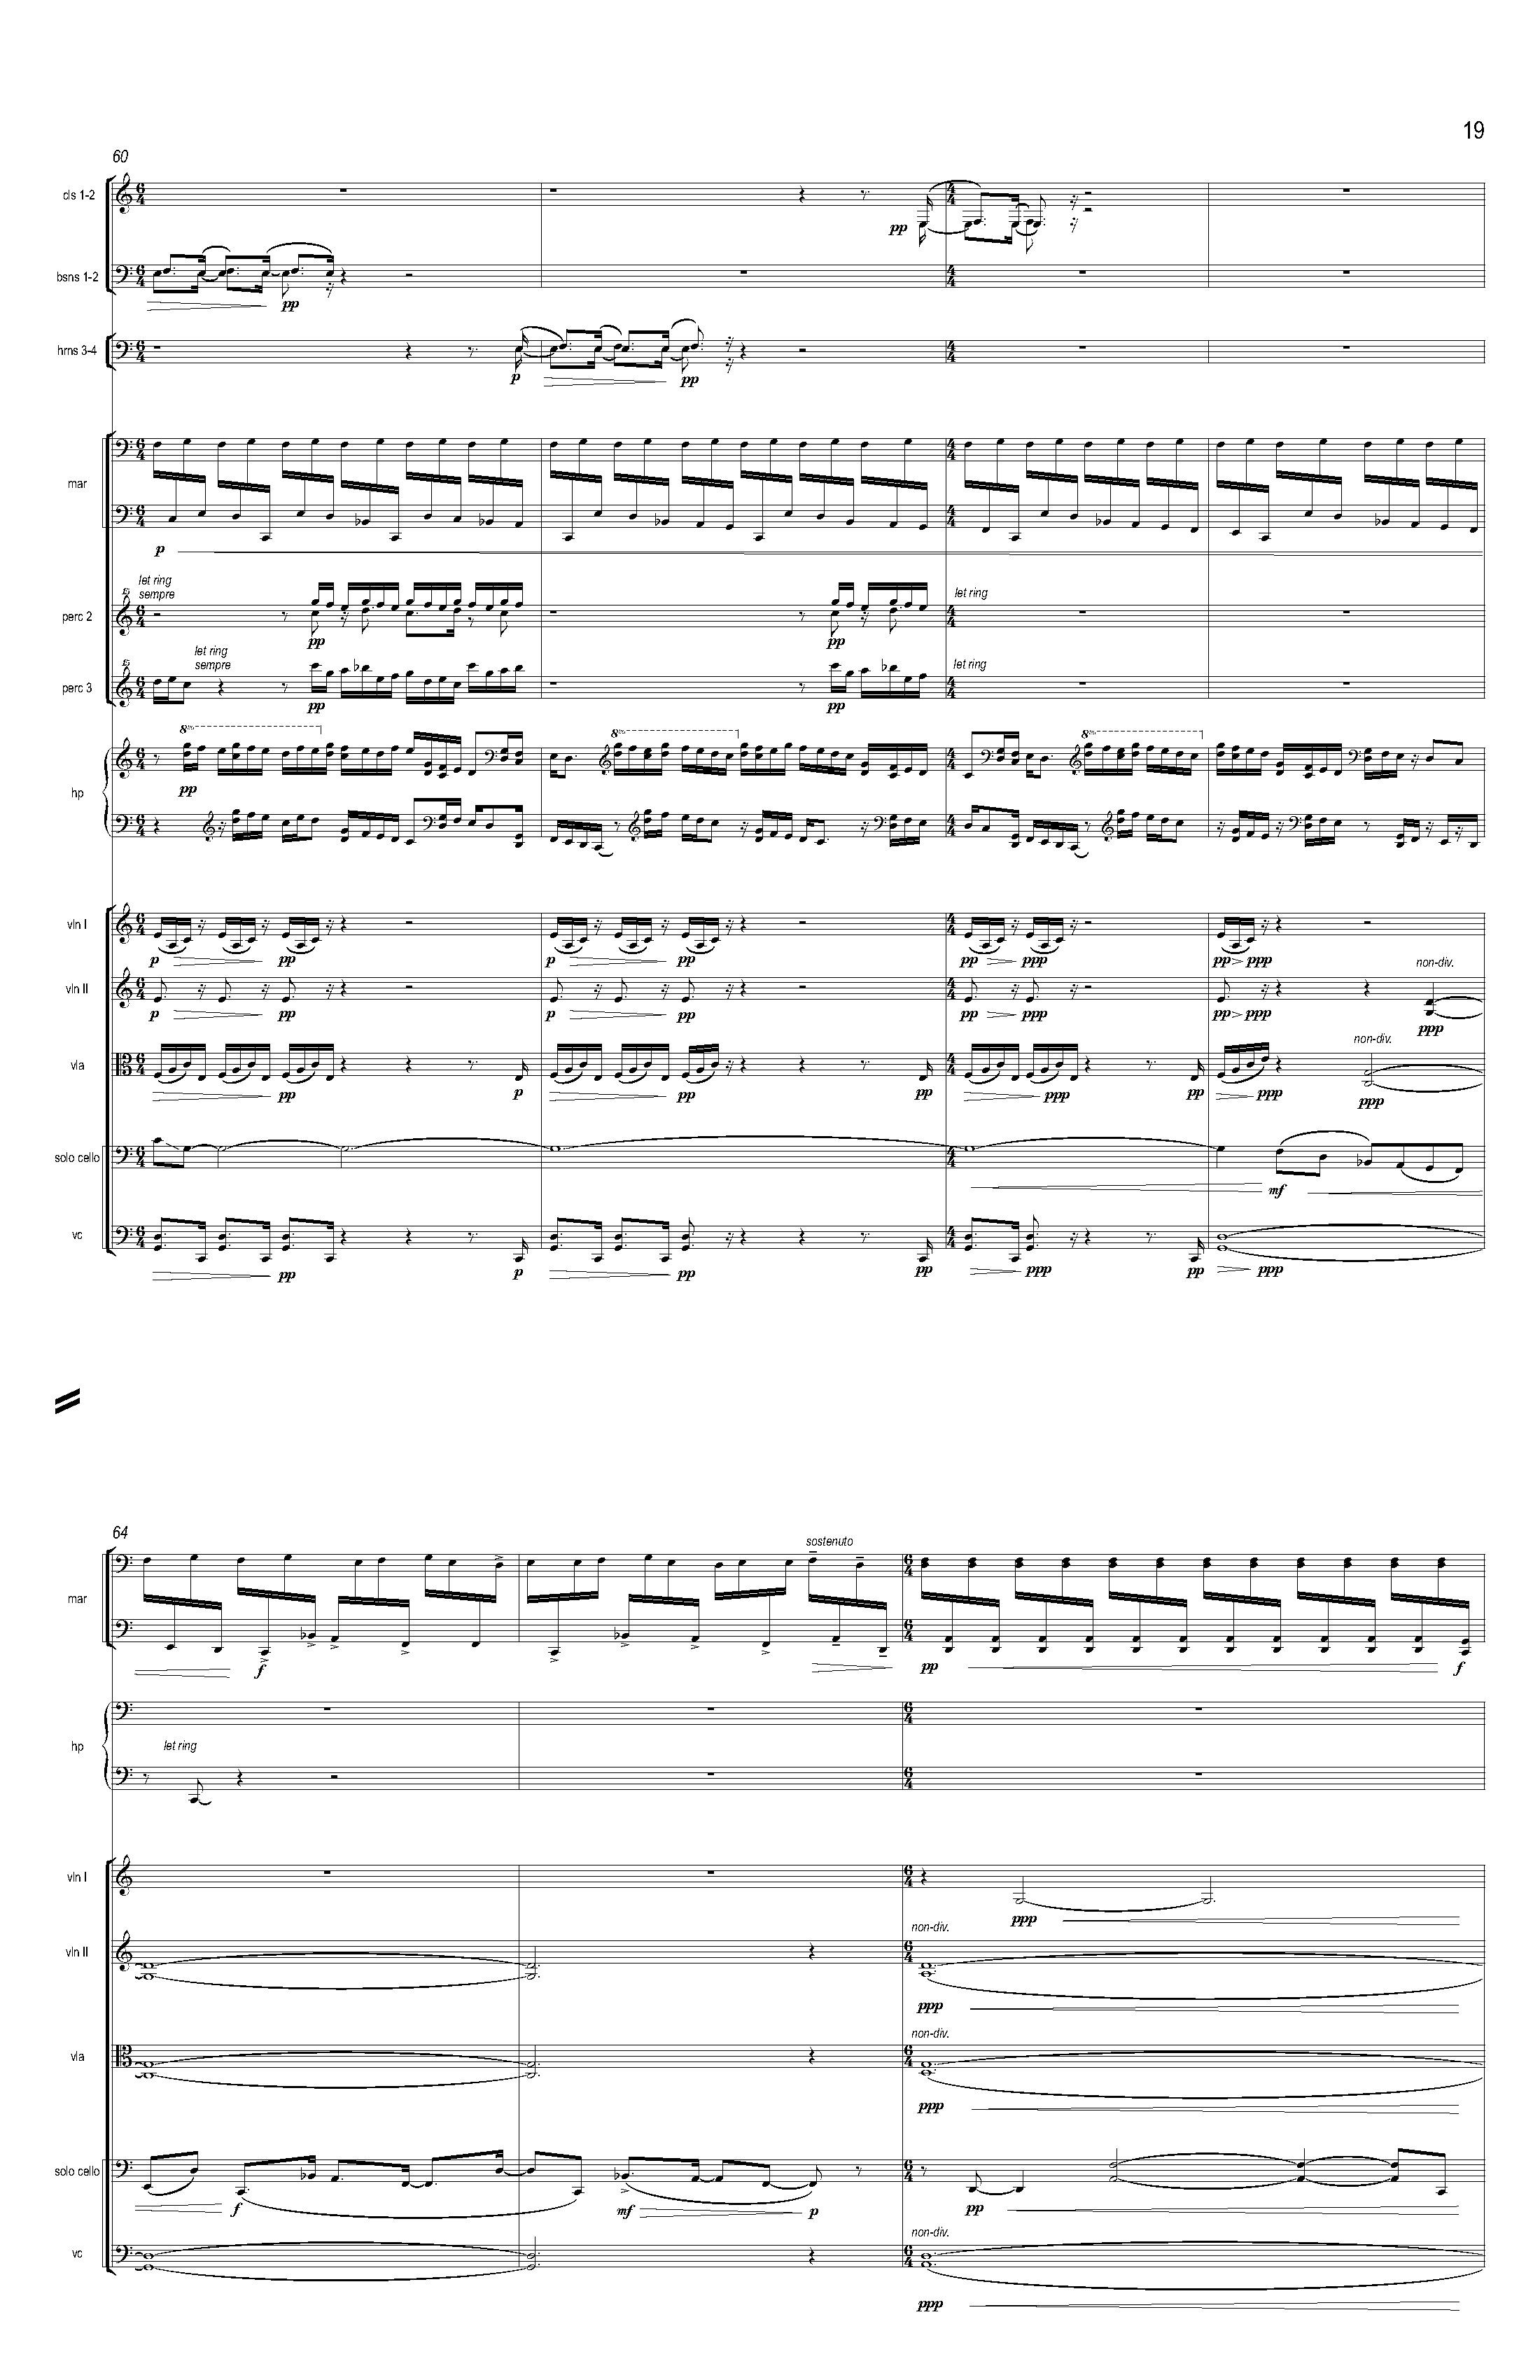 Ciach_Collective Uncommon REVISED_Full Score (Feb 2017)_Seite_25.jpg